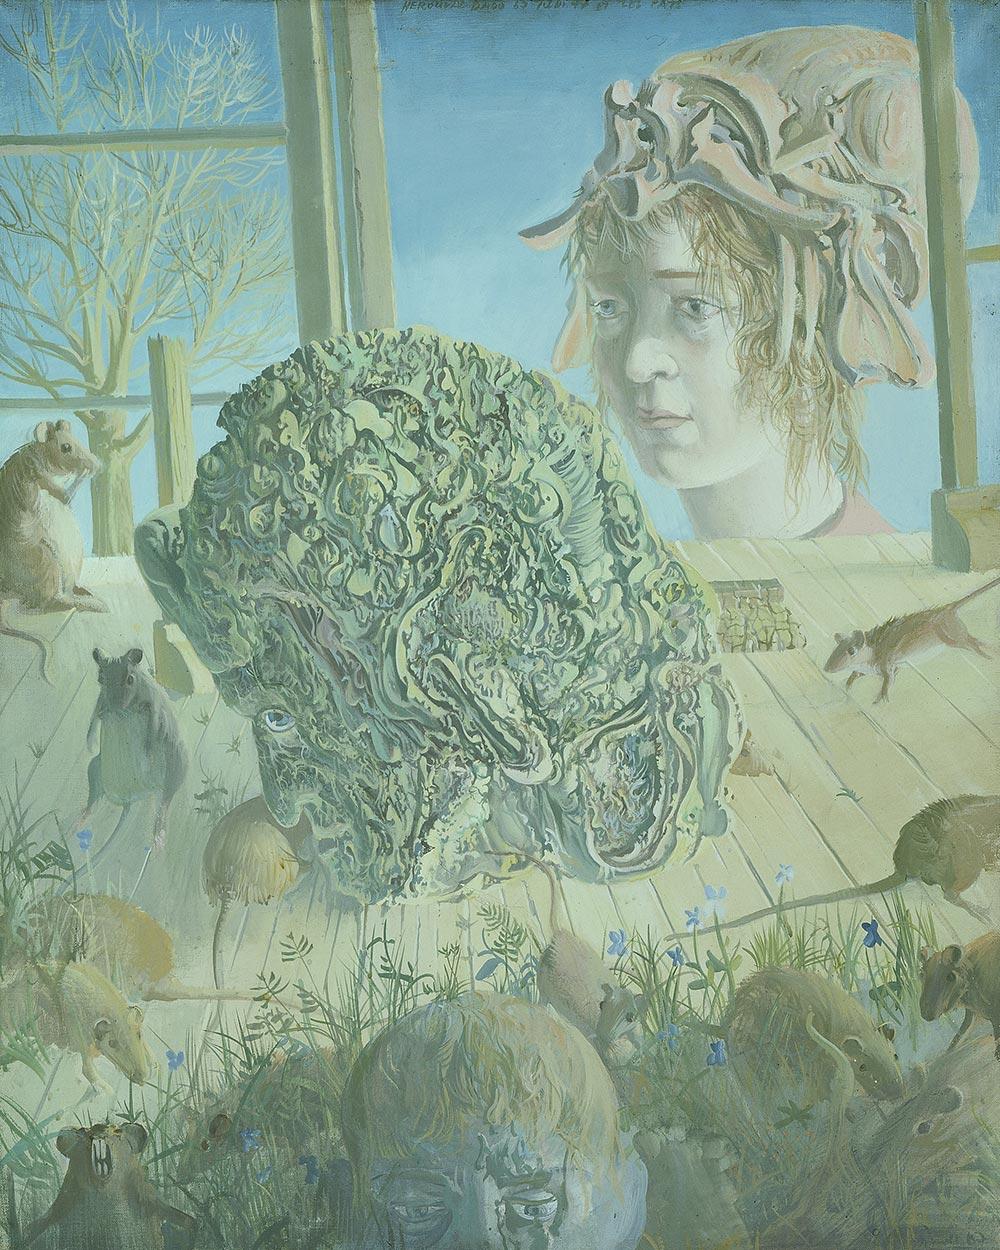 Dado: Judita i štakora, 1965